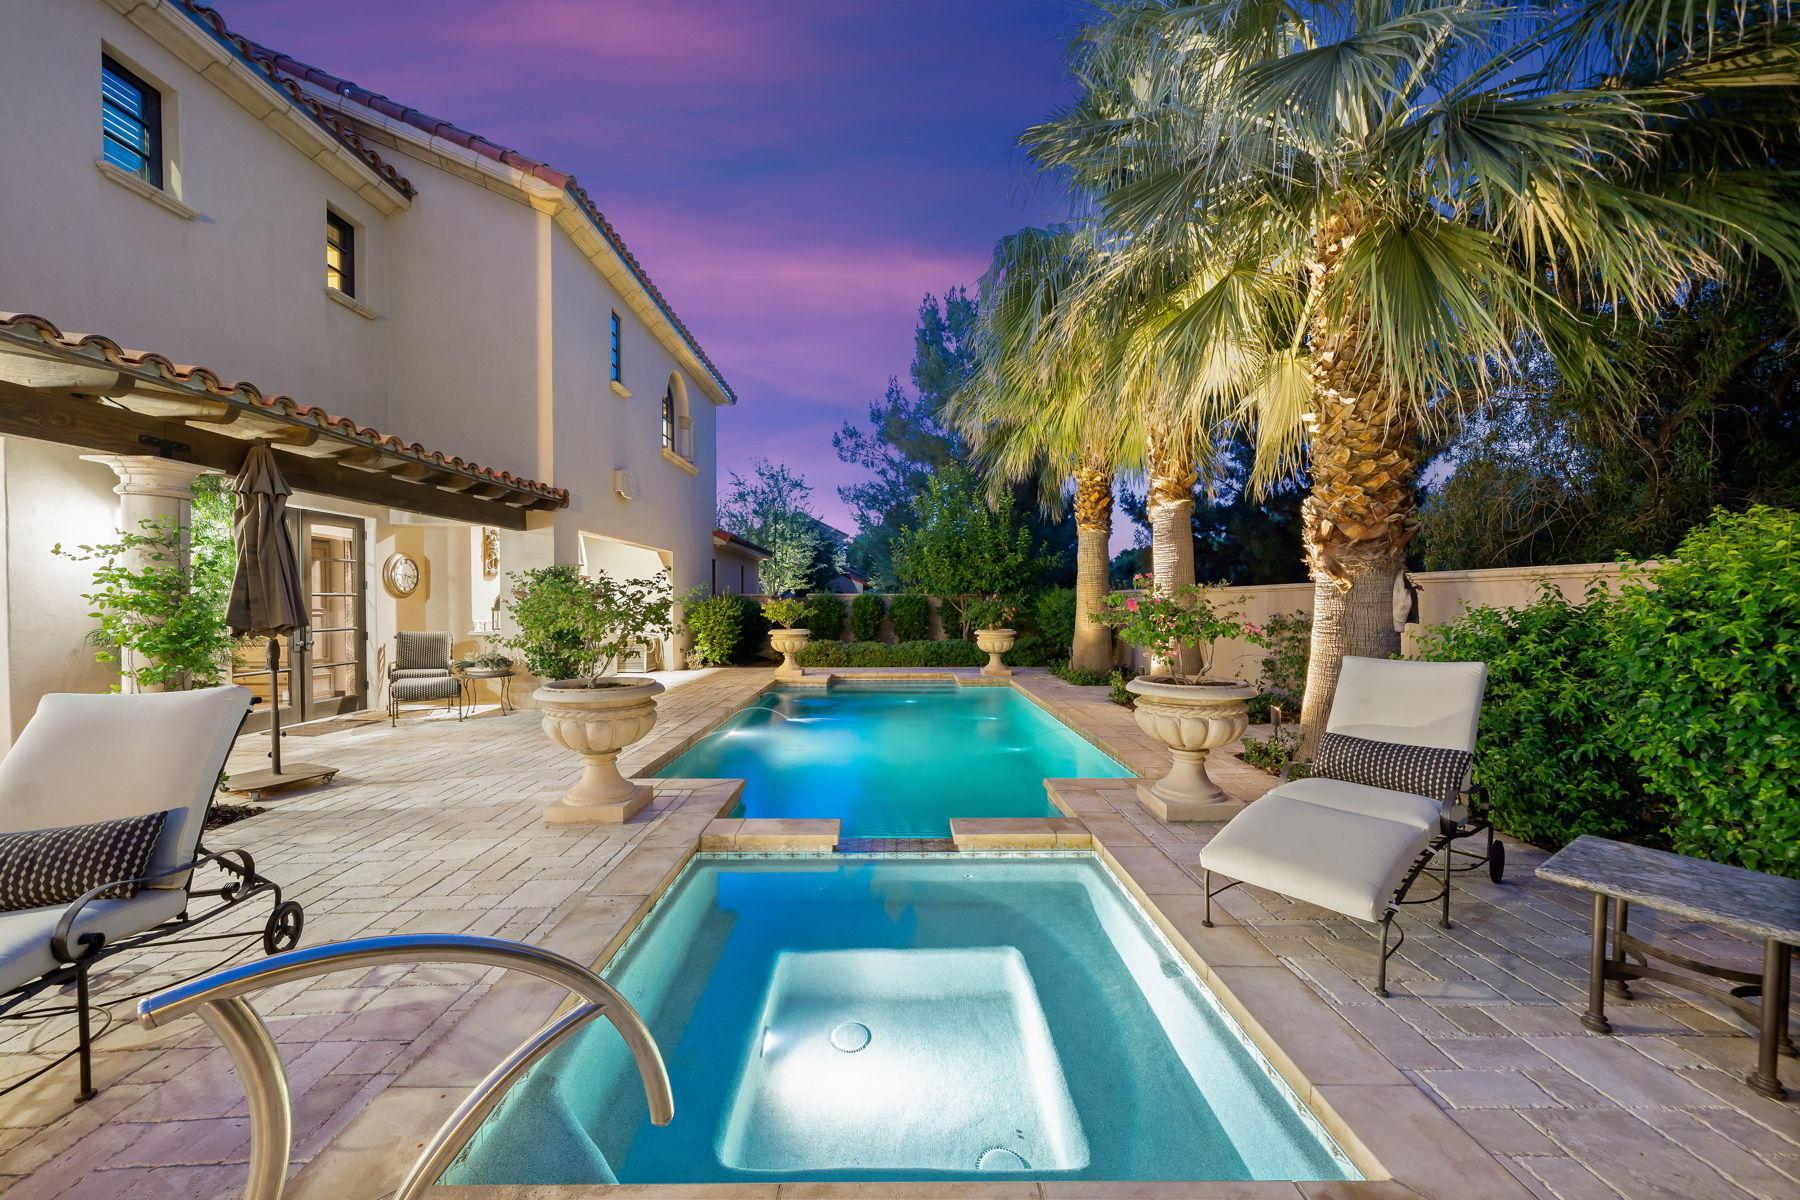 Photo of 52765 Humboldt Boulevard, La Quinta, CA 92253